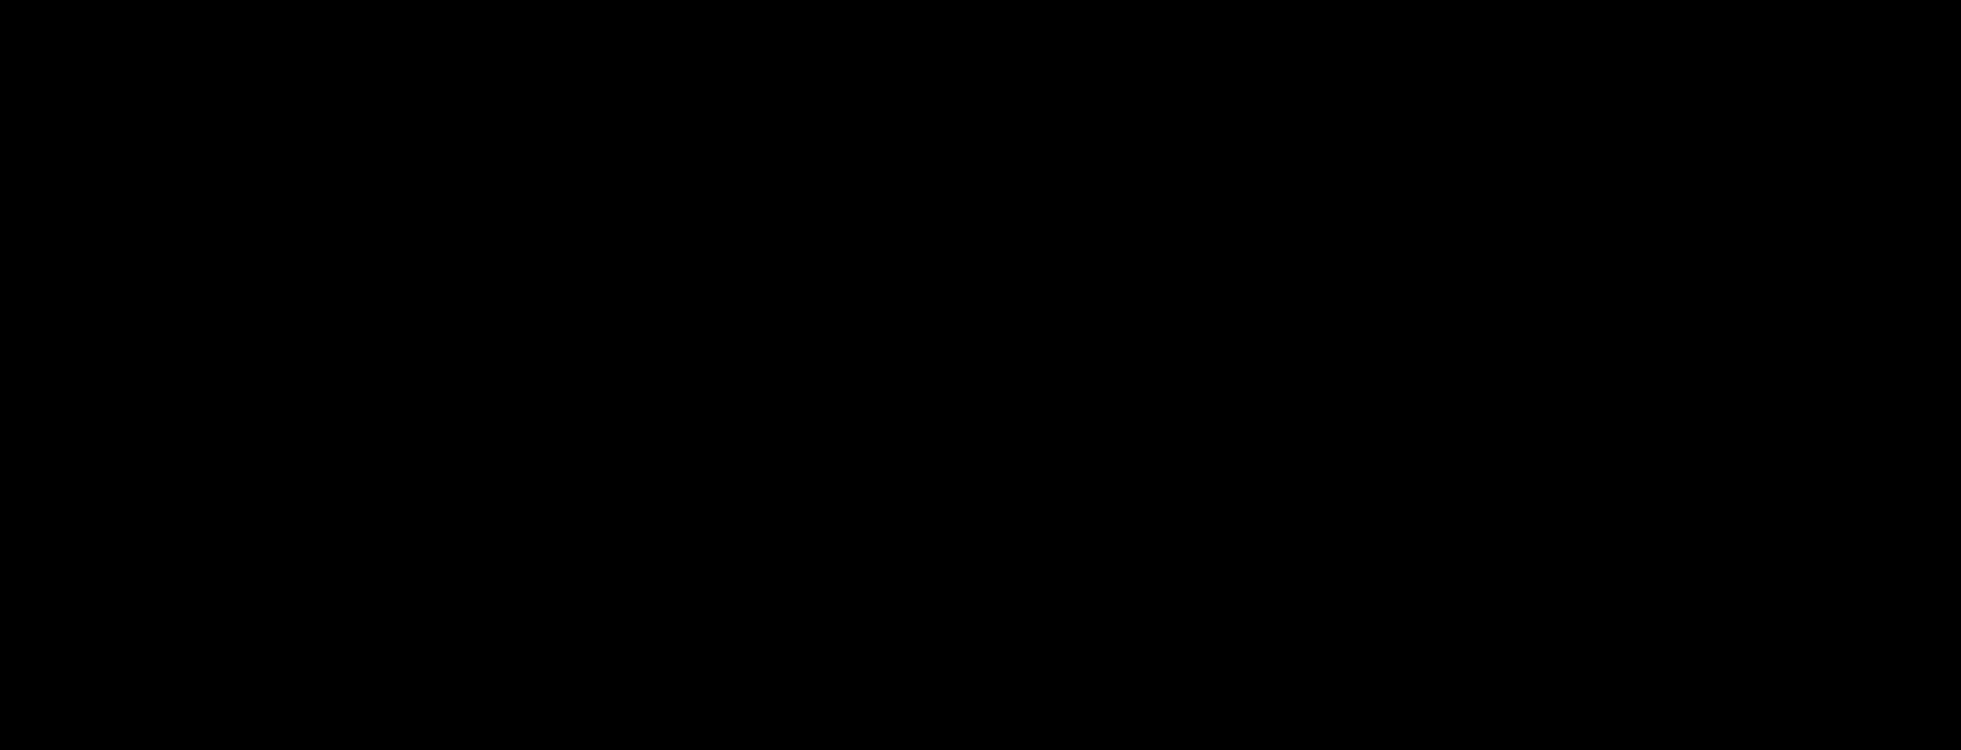 Line Art,Shark,Leaf PNG Clipart - Royalty Free SVG / PNG (1961 x 750 Pixel)